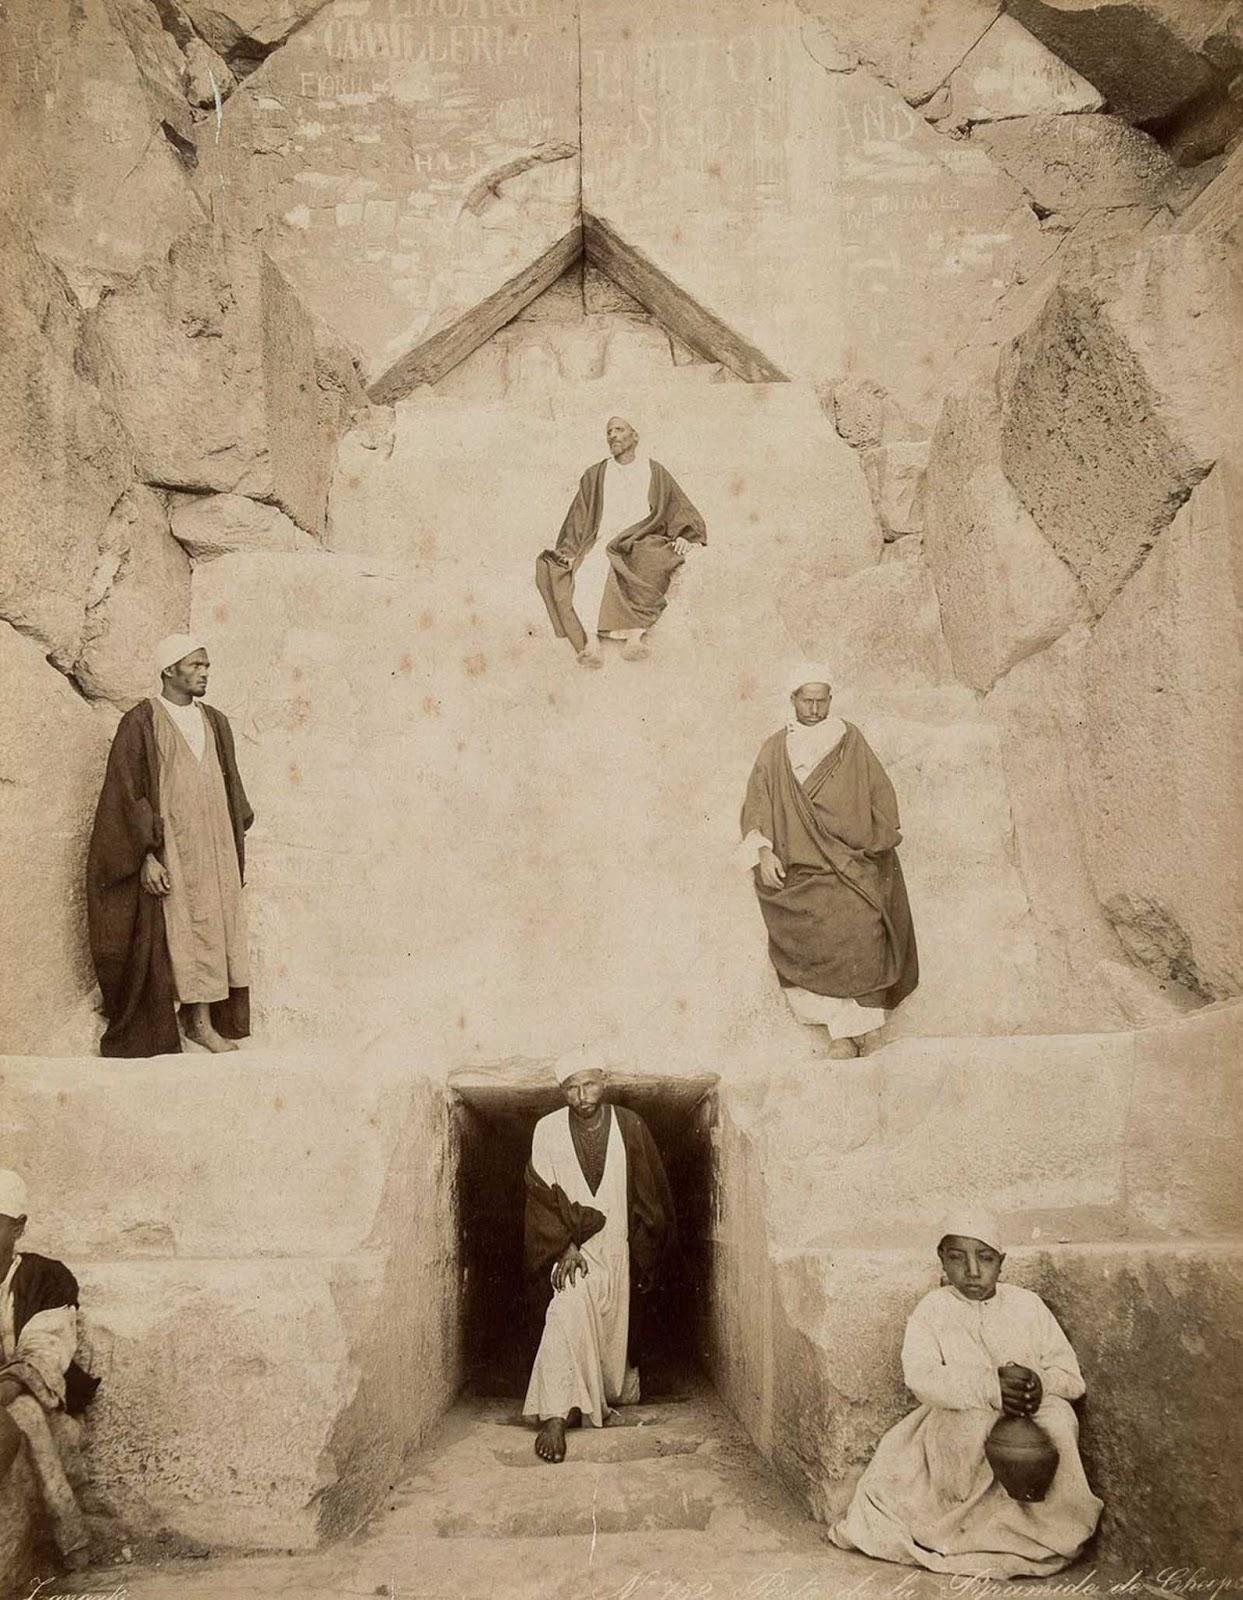 Hombres a la entrada de la Gran Pirámide de Giza.